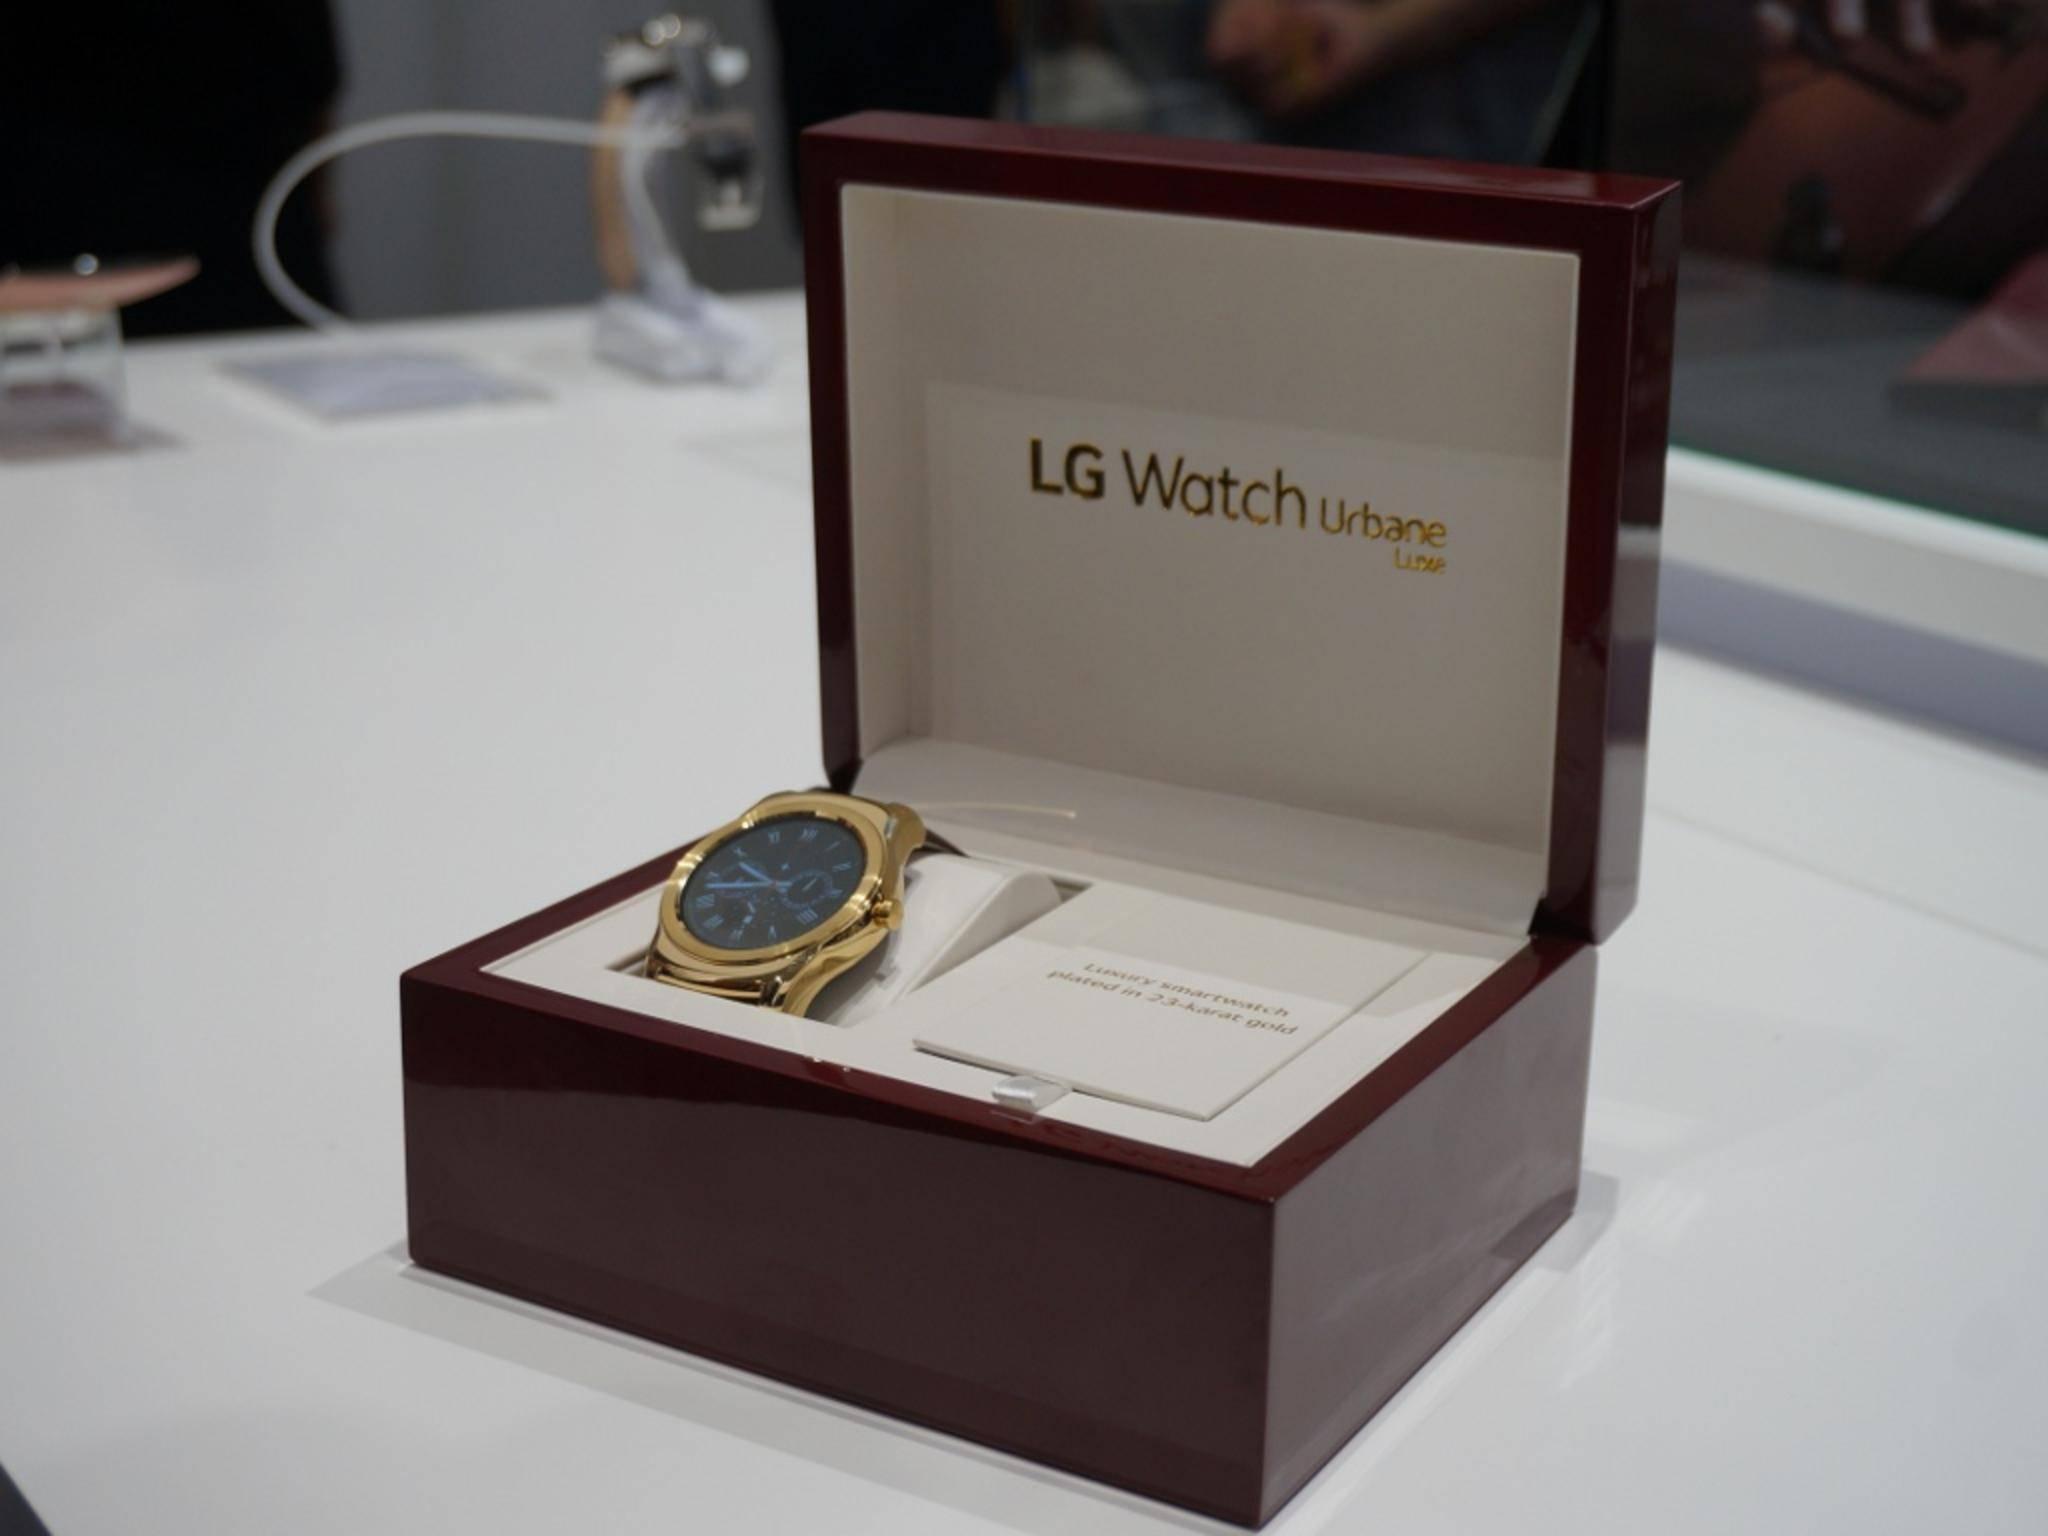 Auch LG hat mit seiner Watch Urbane eine neue Uhr gezeigt...